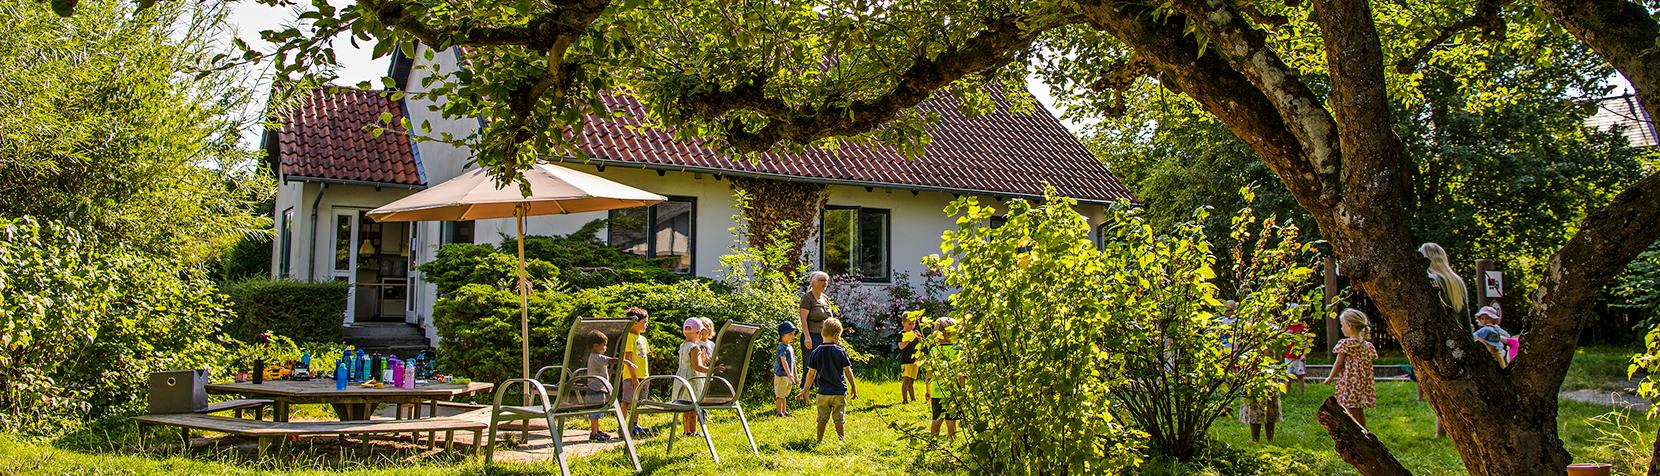 Skyttebjerg set udefra med børn på græsset